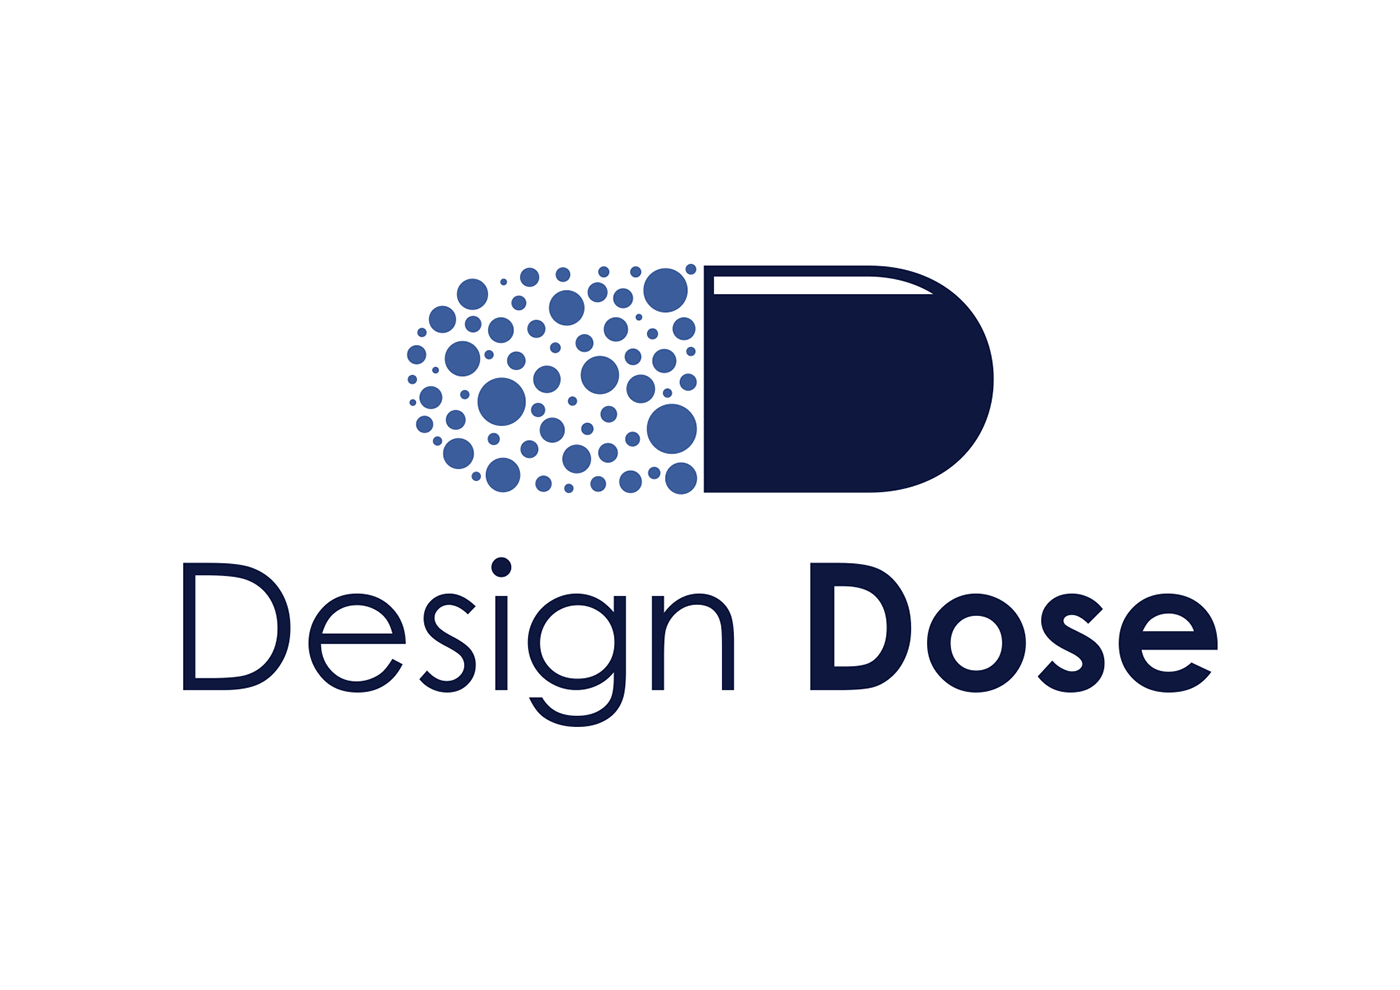 设计师标志设计 胶囊logo 个人logo设计 vi设计欣赏,设计师个人logo,设计